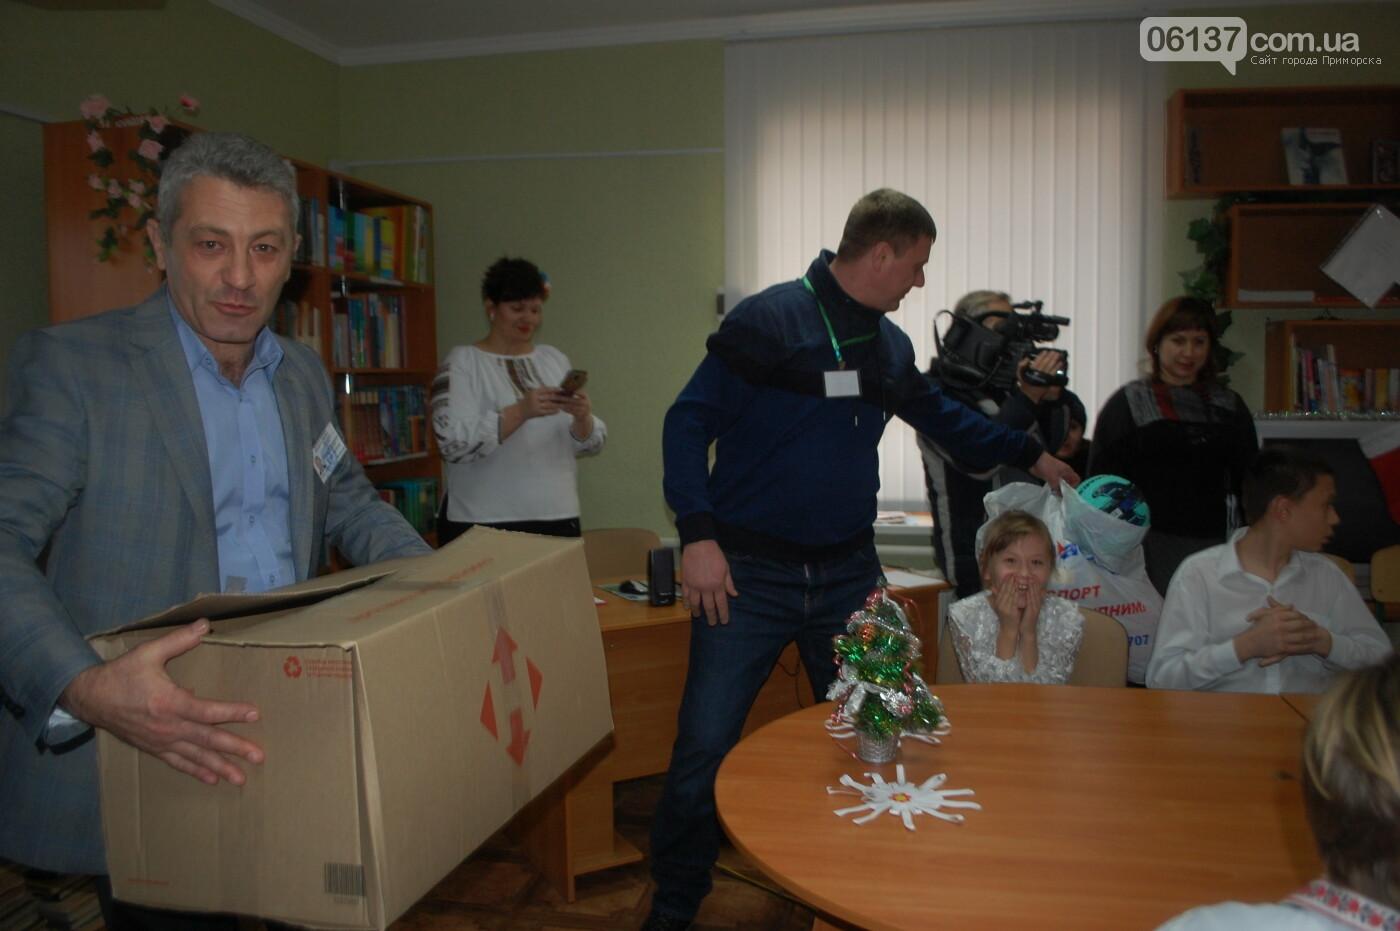 Святой Николай побывал вчера в Преславской специализированной школе-интернате, фото-1